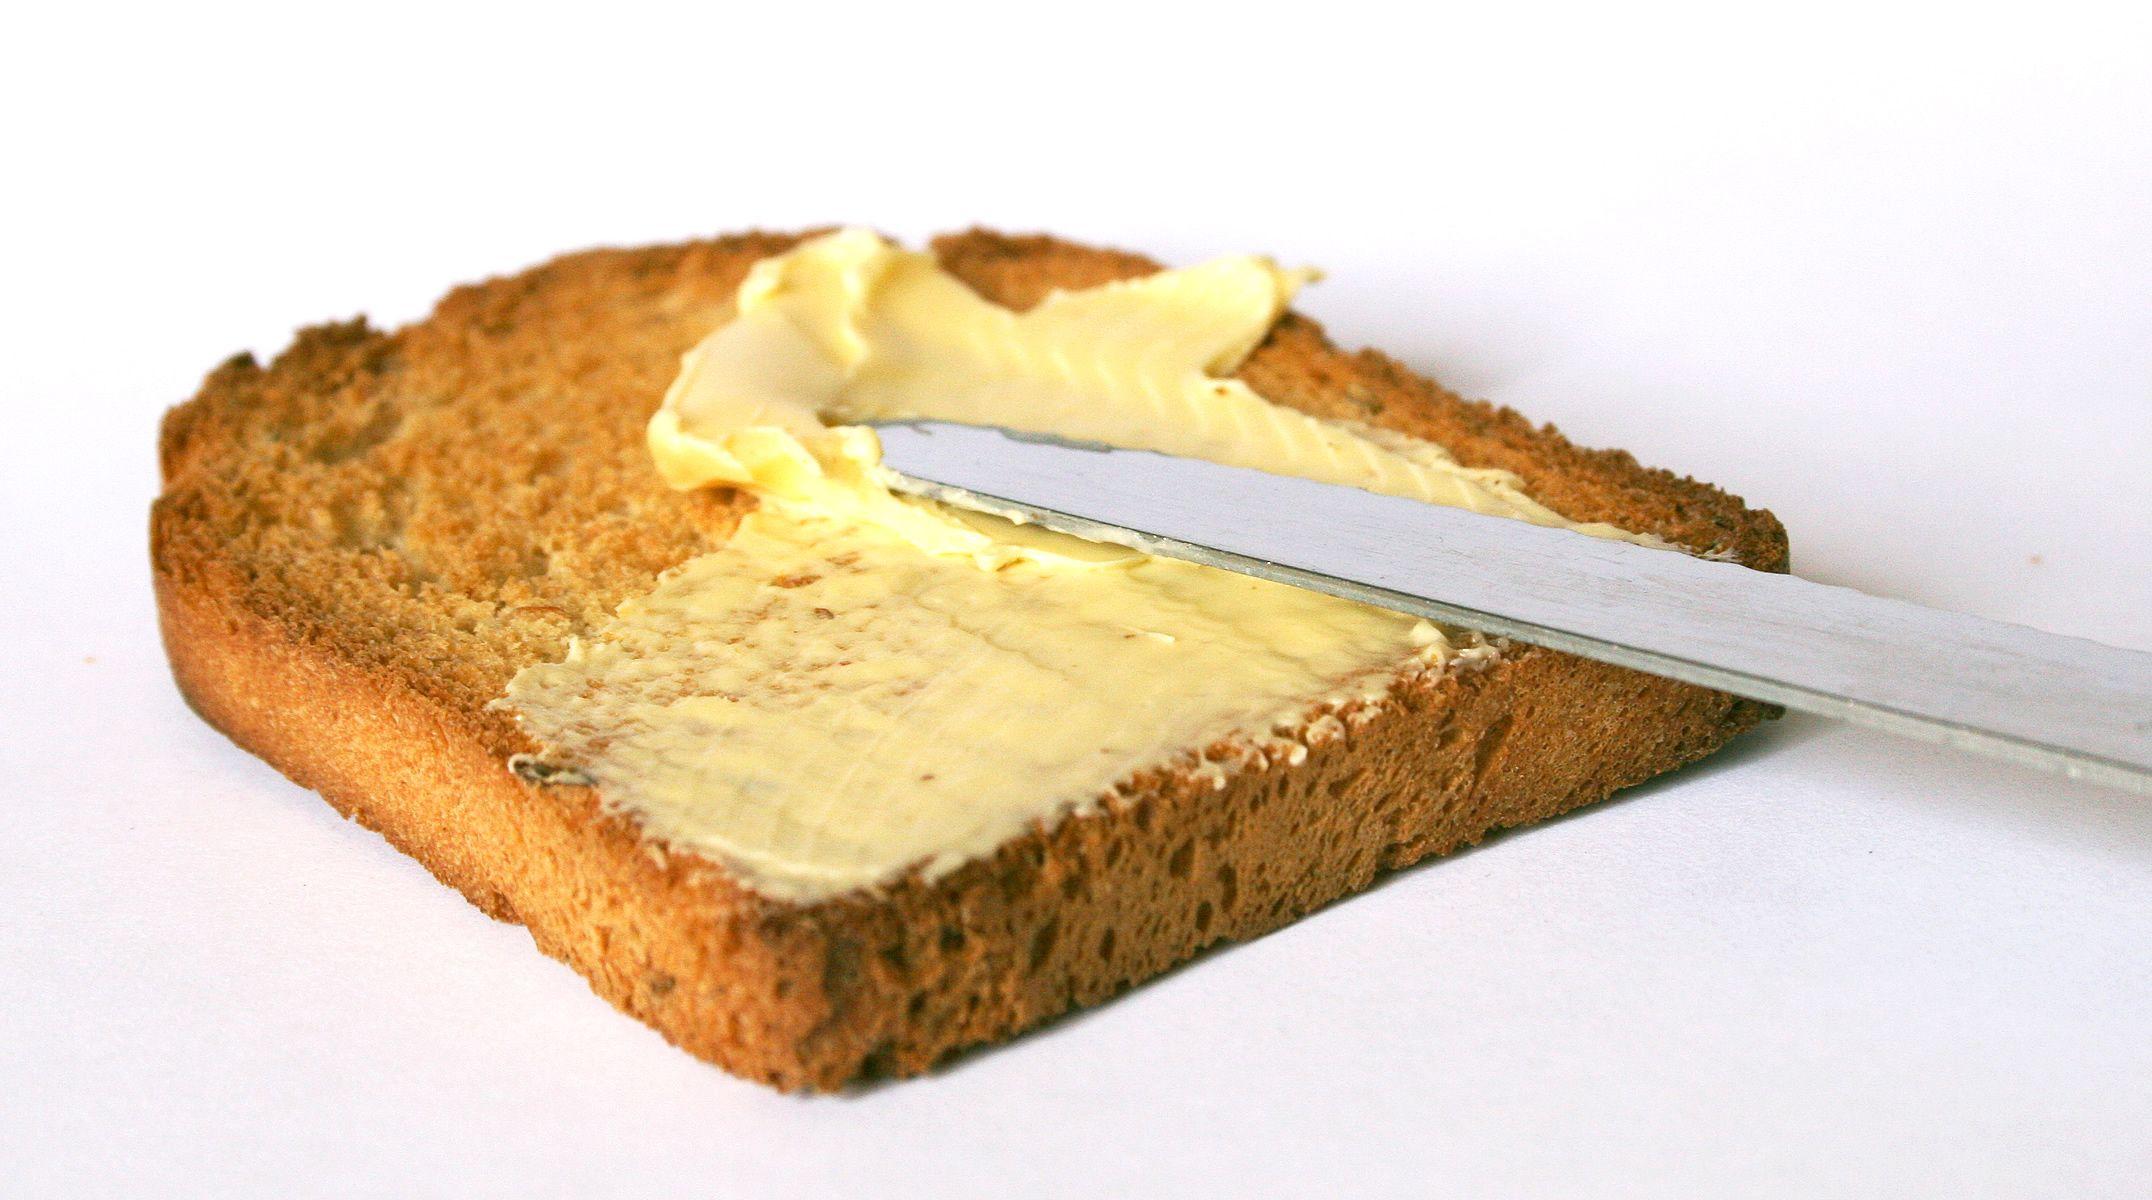 Falsi miti sull'alimentazione a cui non credere più